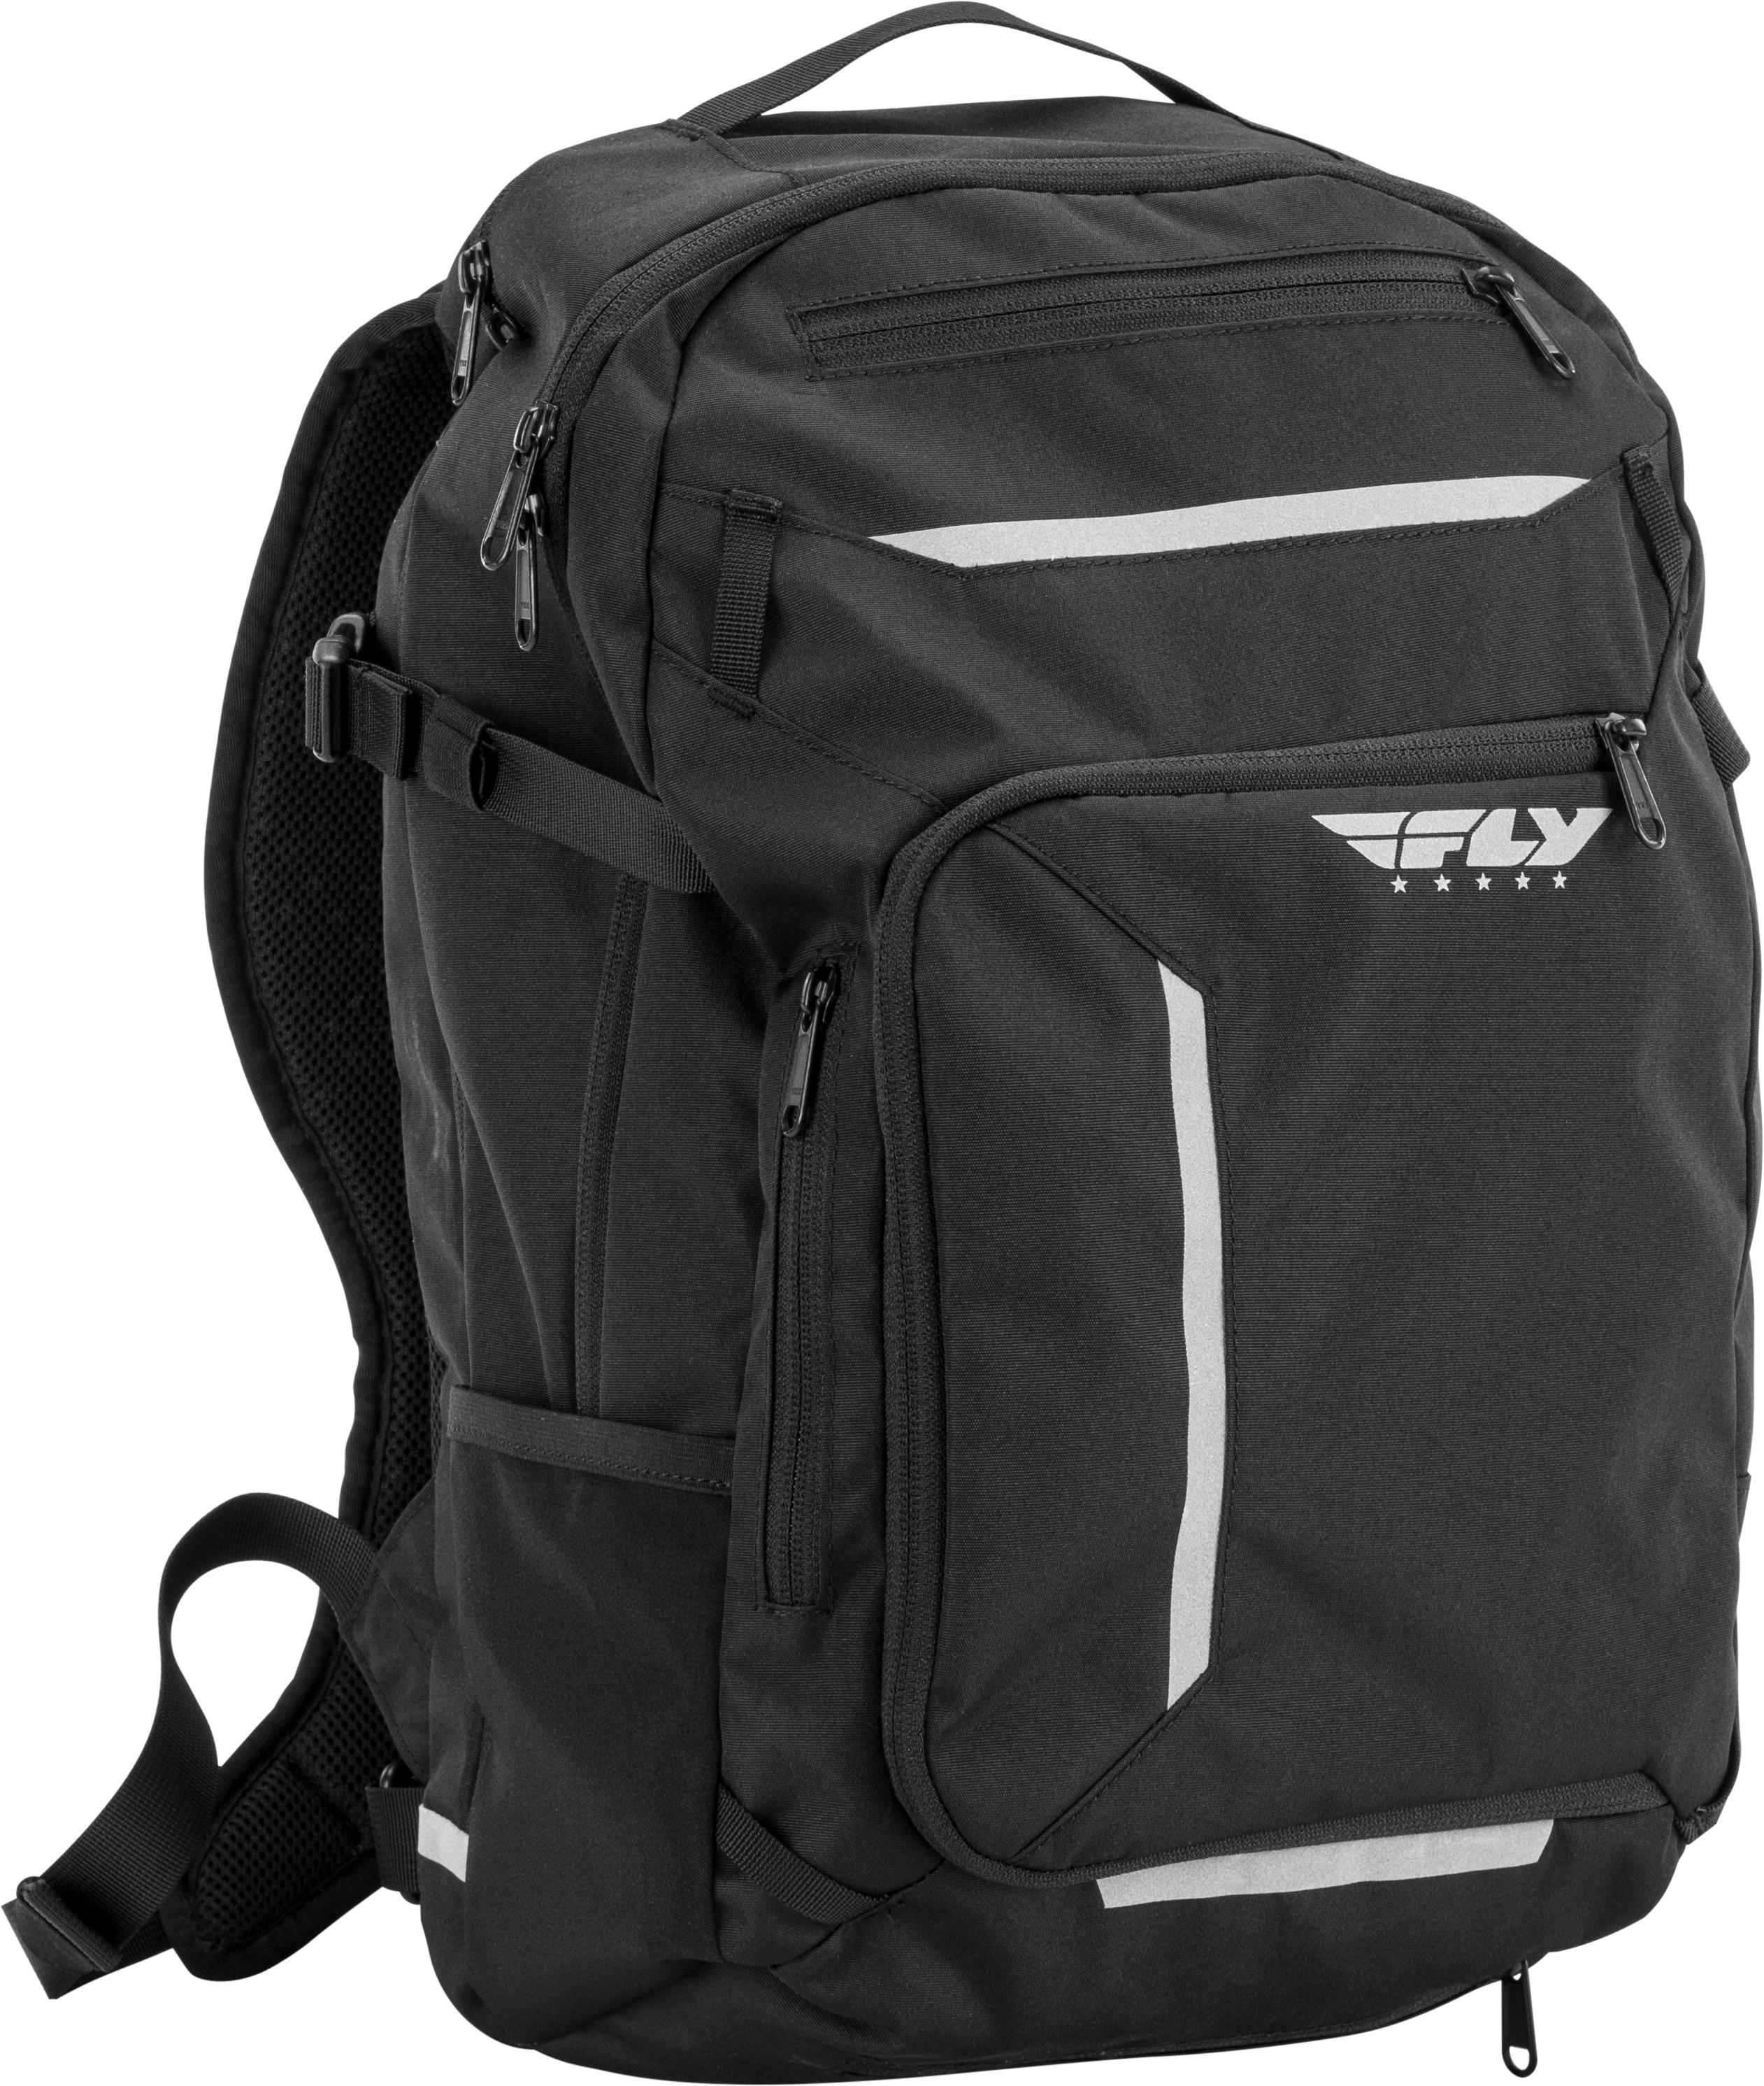 Fly Racing 28-5193 Bag